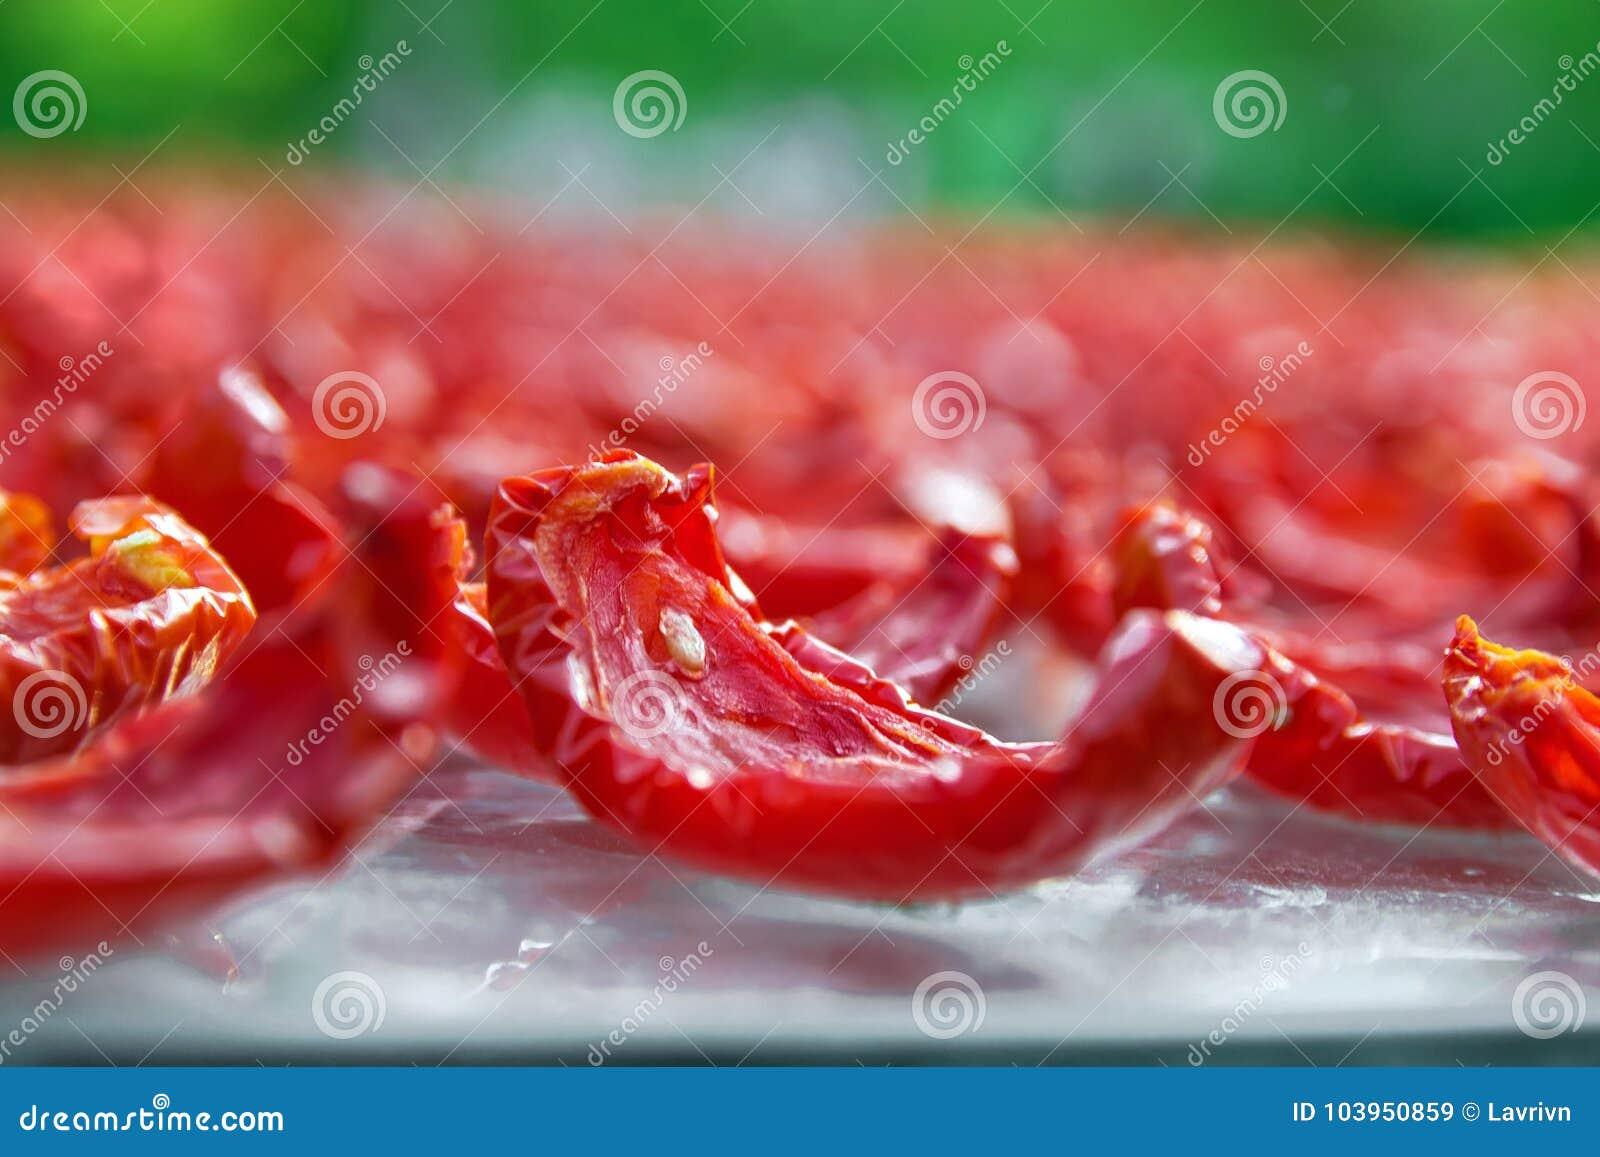 Nahaufnahmehintergrund von roten tomaten schneiden trockner